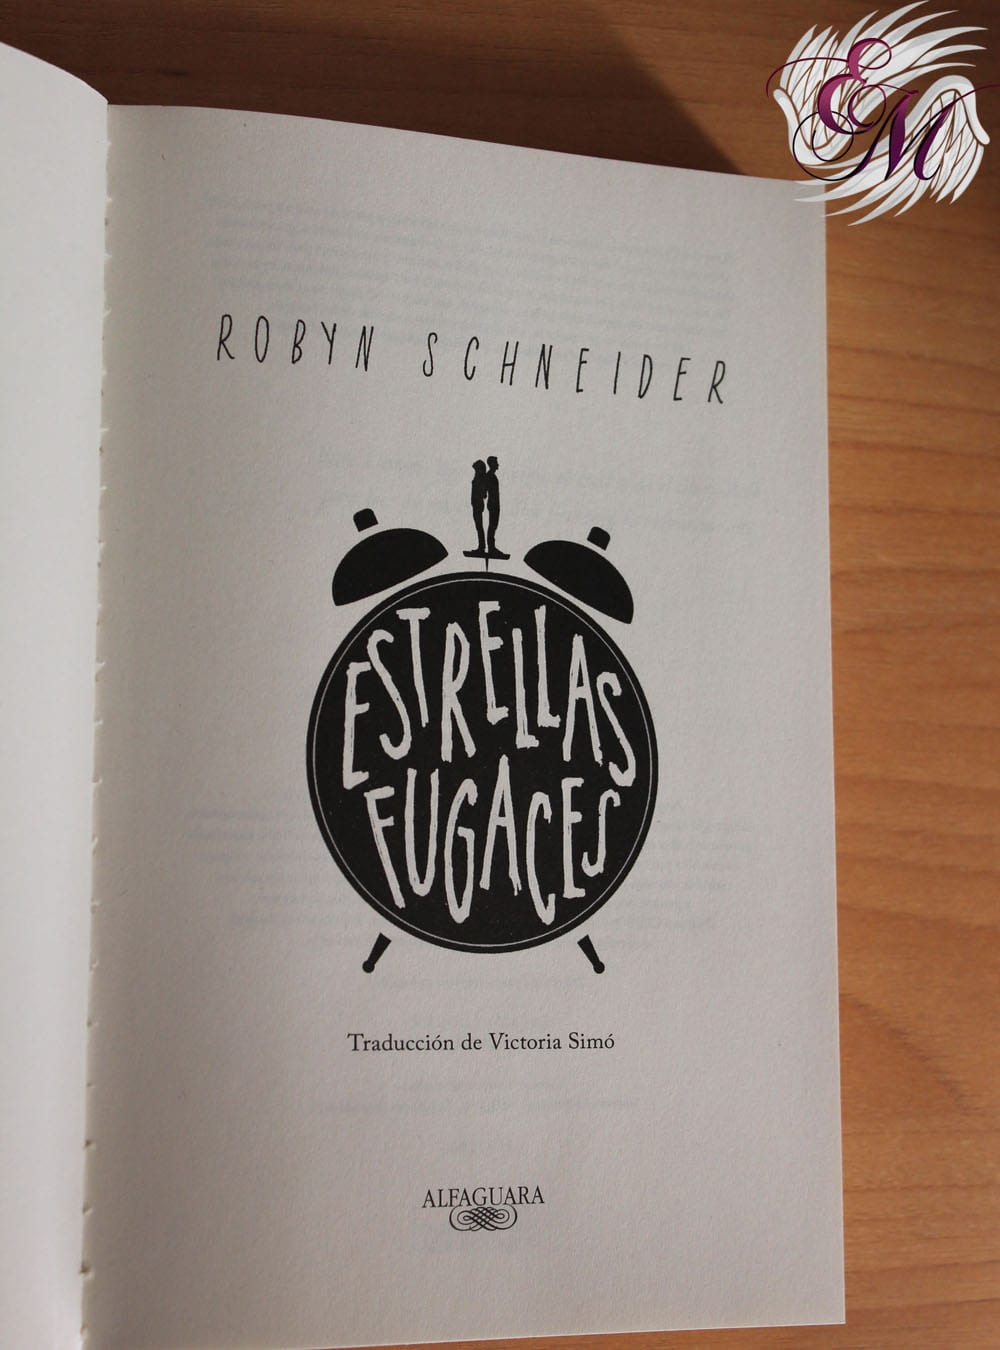 Estrellas fugaces, de Robyn Schneider - Reseña